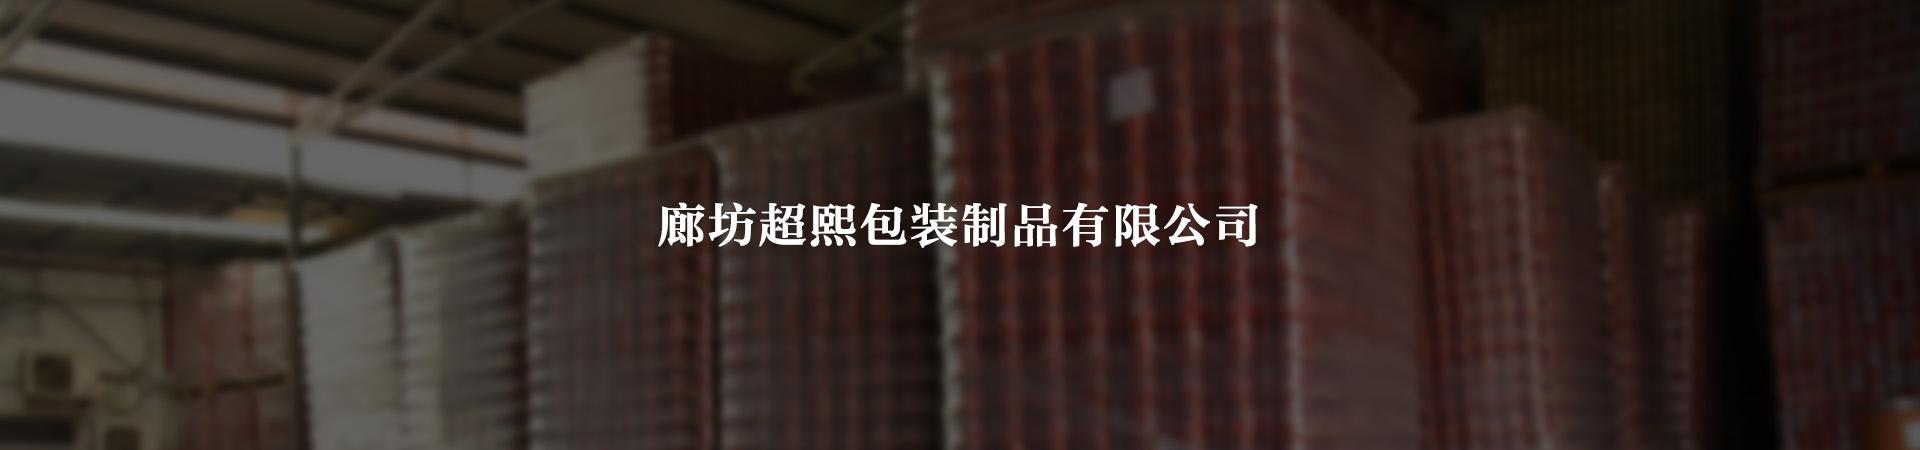 马口铁罐制造厂